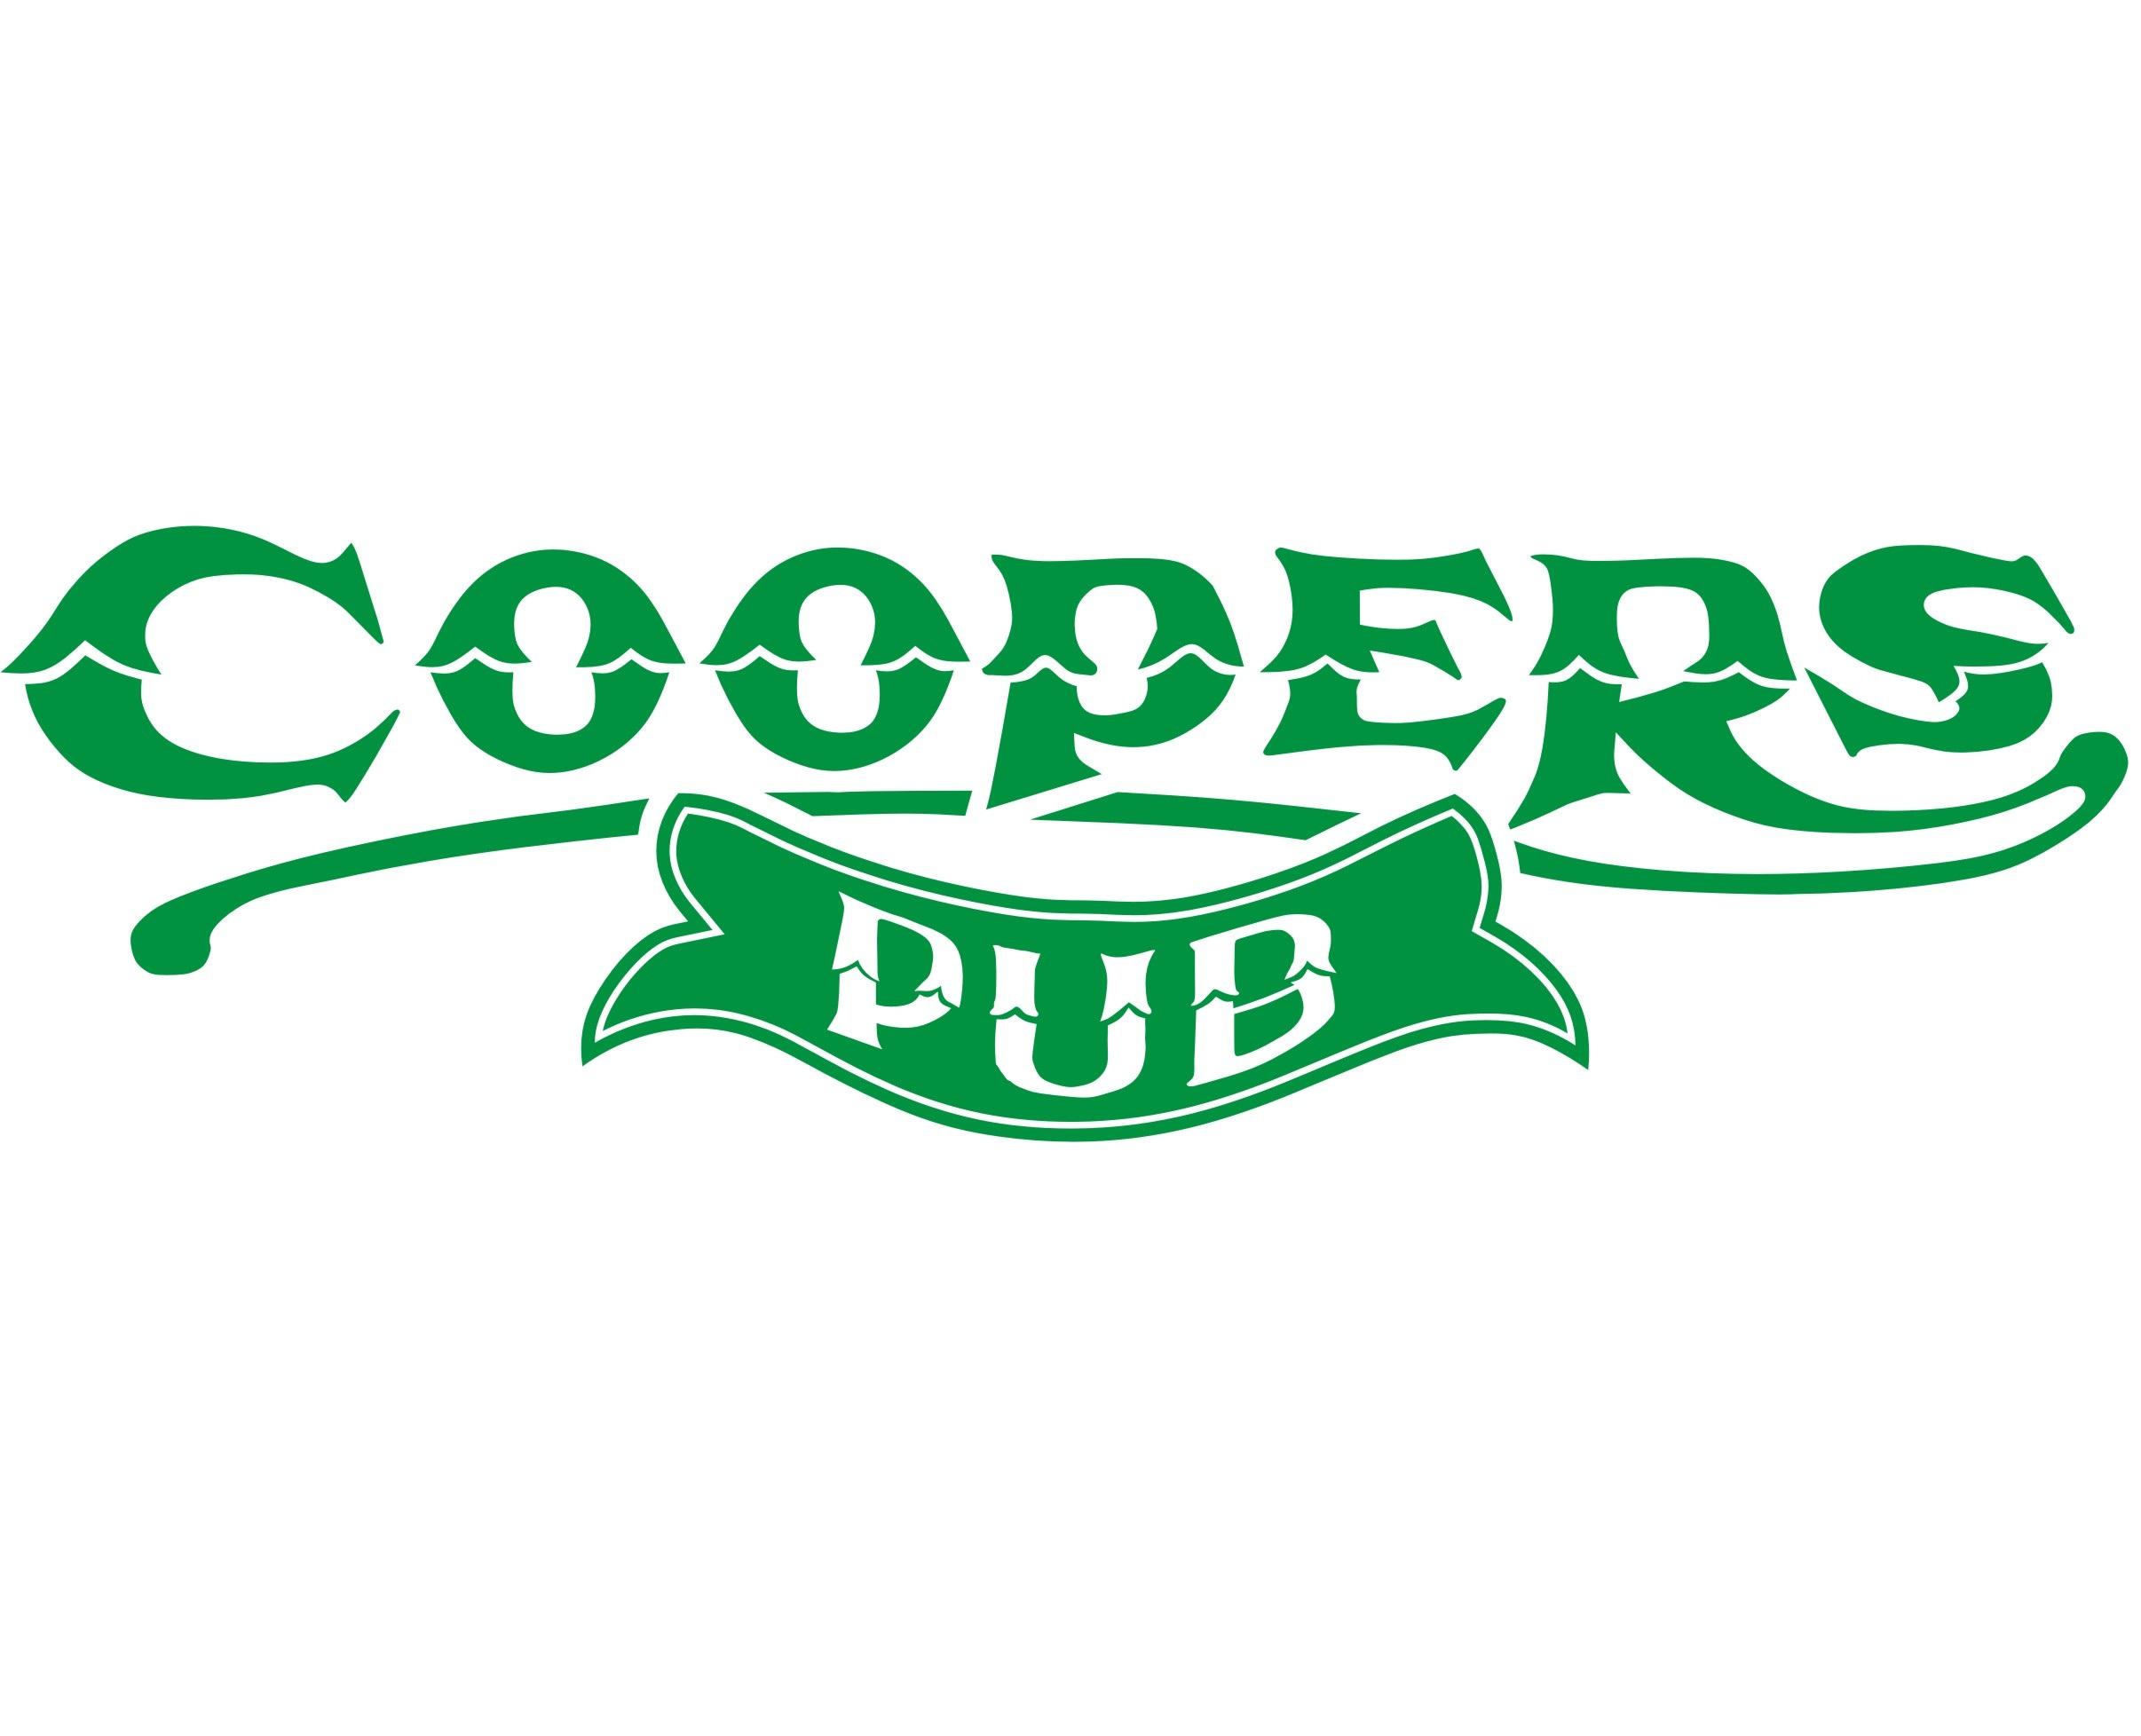 Coopers Pub